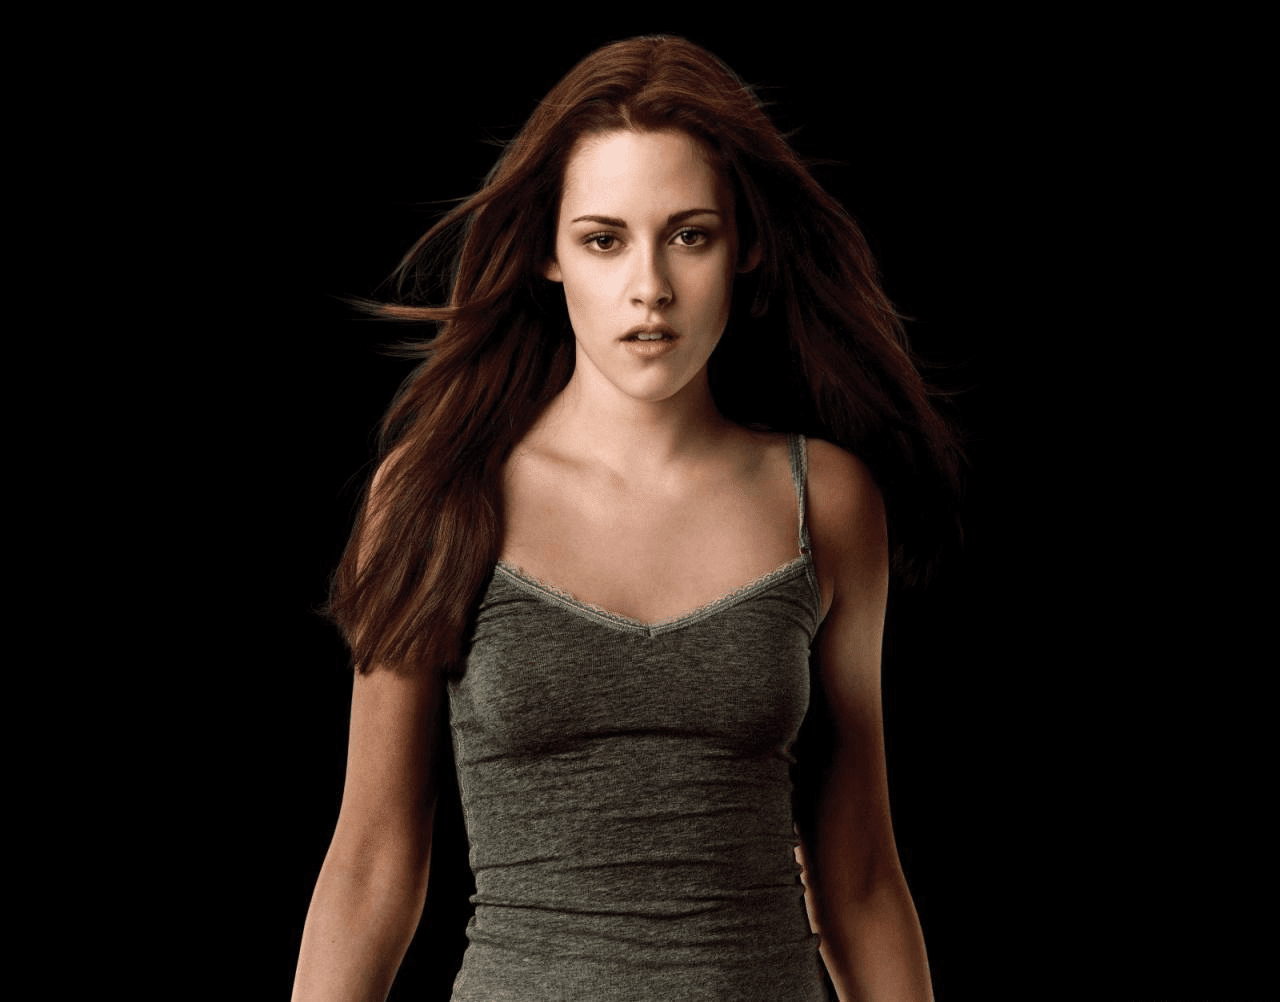 kristen stewart hollywood actress hd wallpaper photo